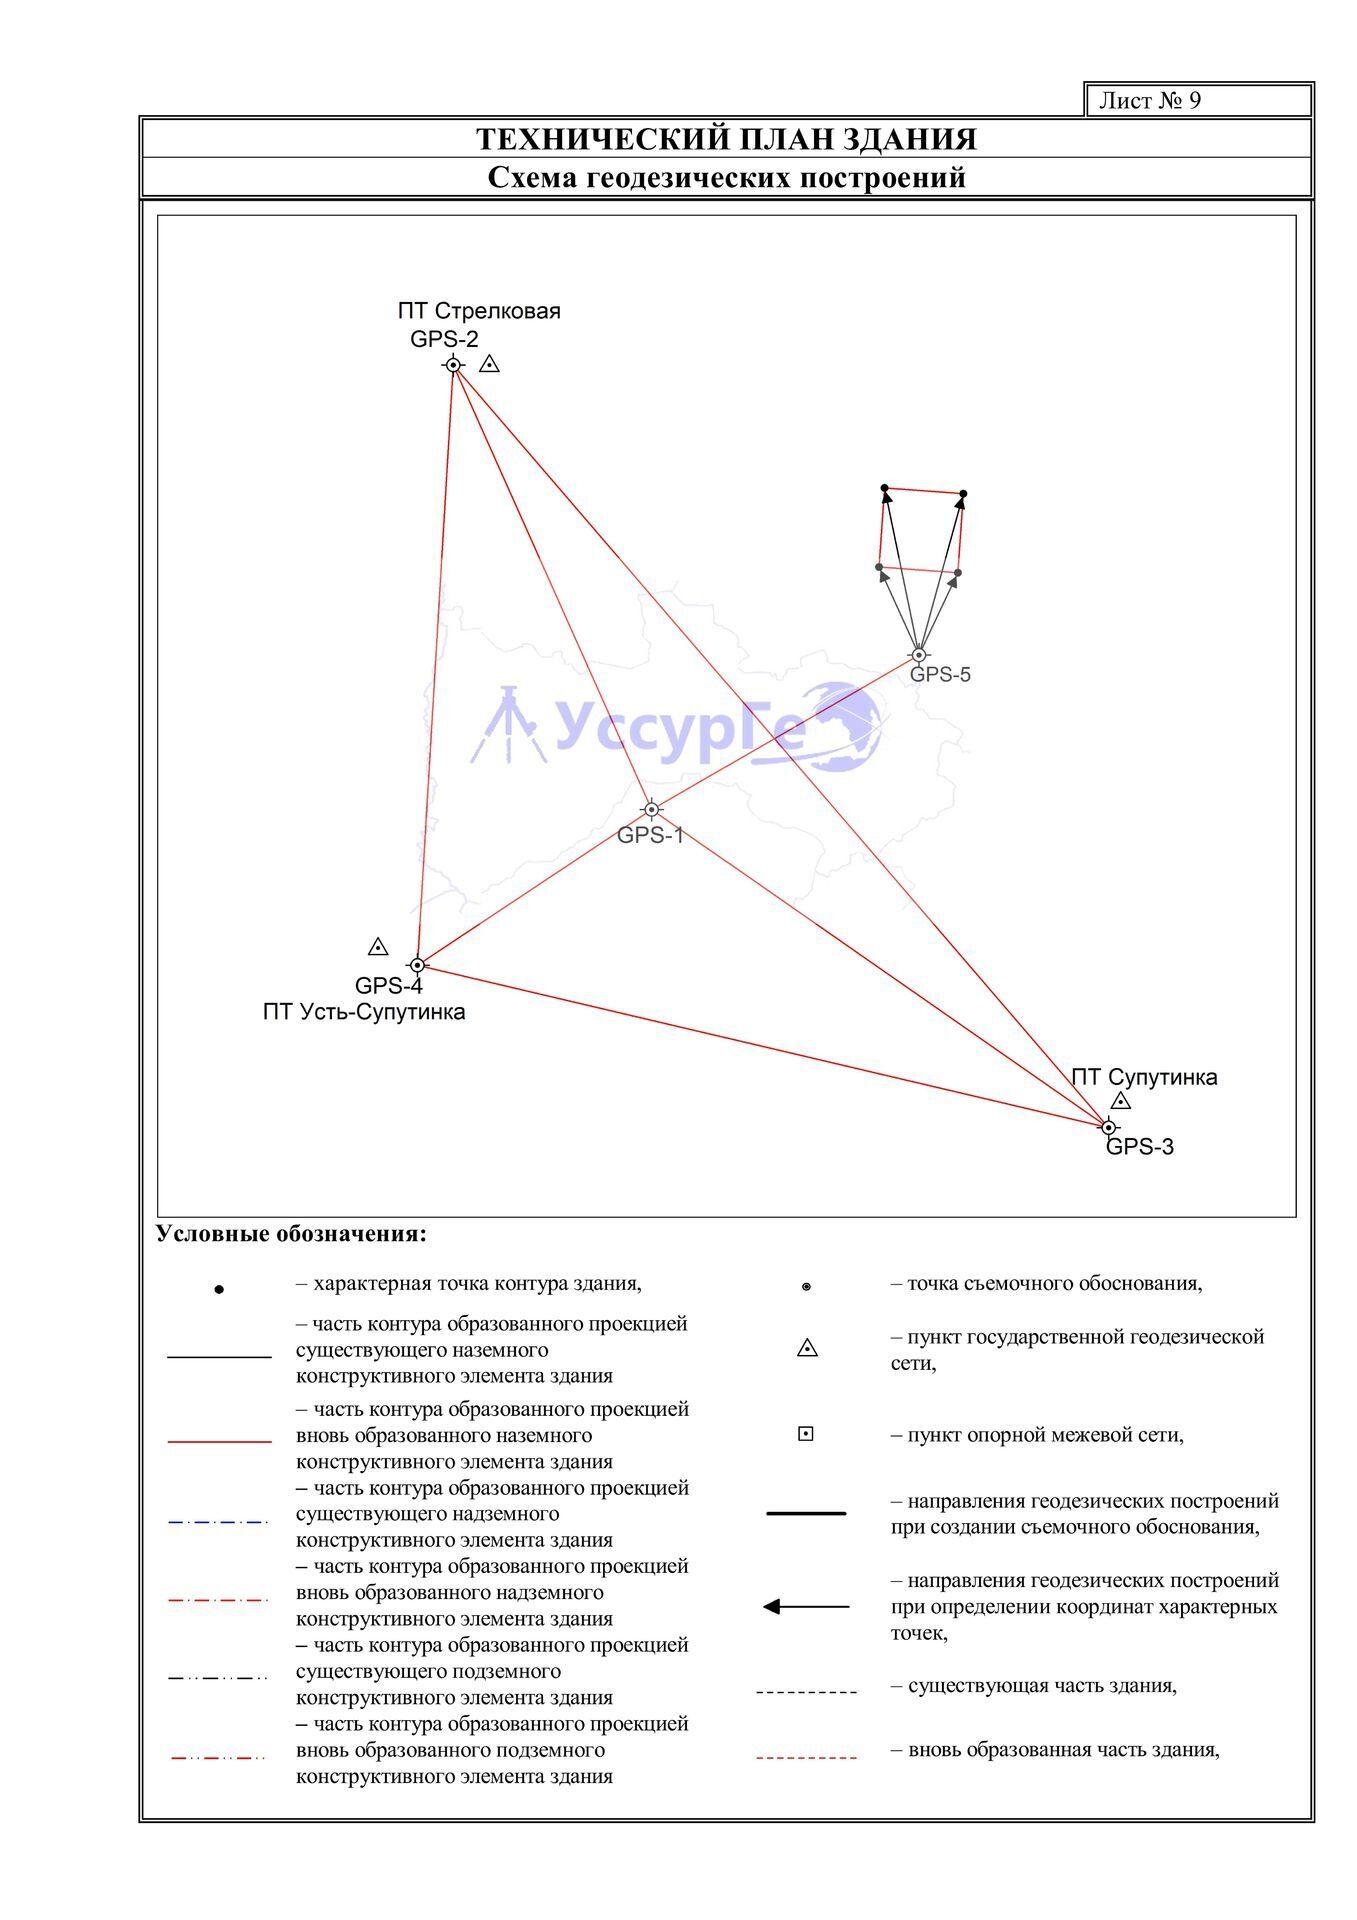 Схемы геодезических построений для сооружения5